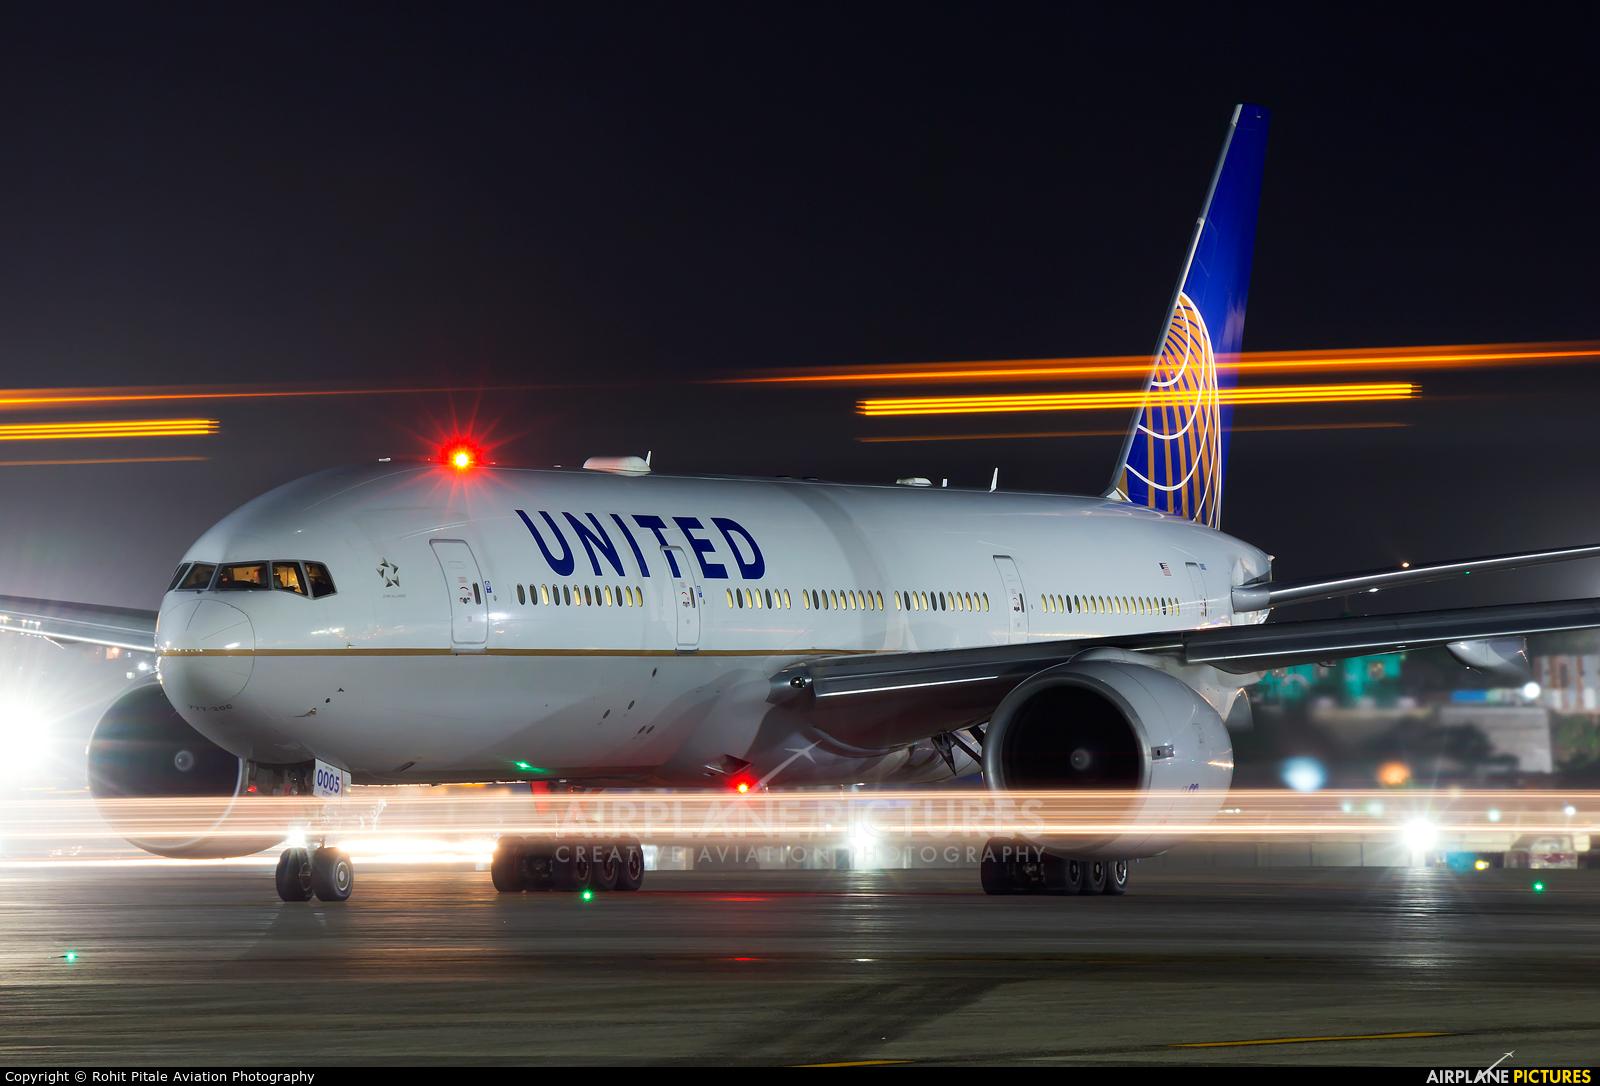 United Airlines N78003 aircraft at Mumbai - Chhatrapati Shivaji Intl